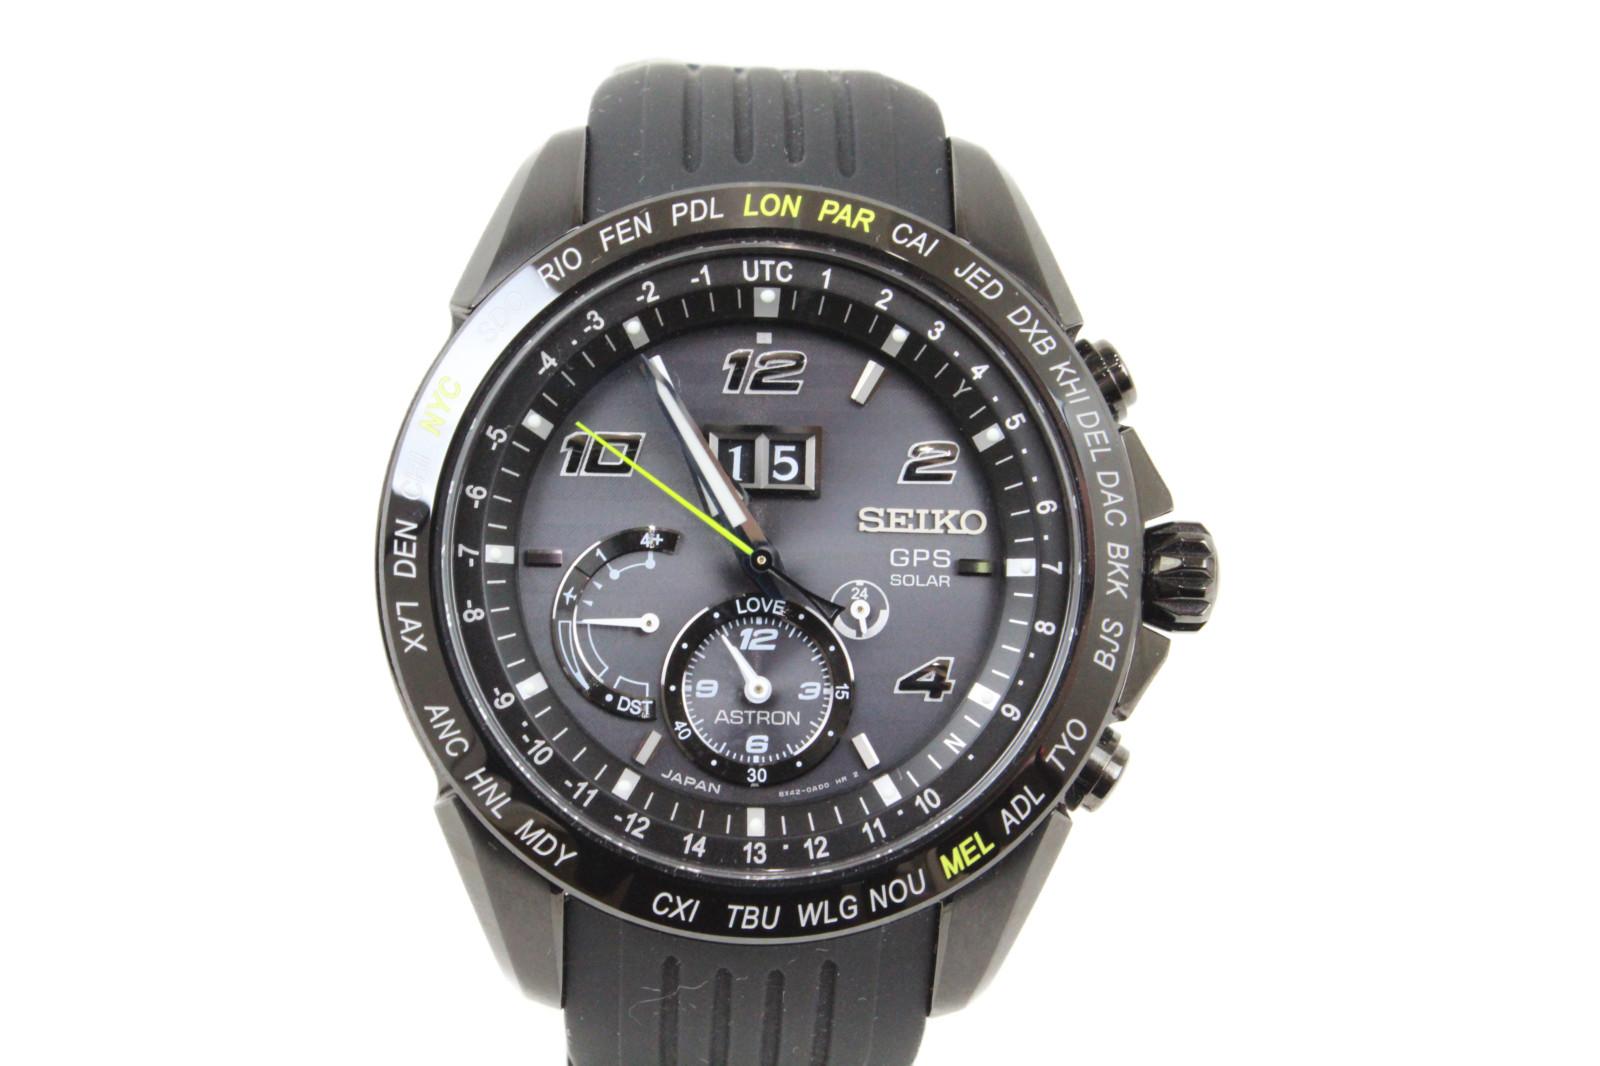 【世界5000本ジョコビッチ限定モデル】 SEIKO セイコー アストロンSBXB143 SS ステンレススチール ブラック メンズ 腕時計【中古】